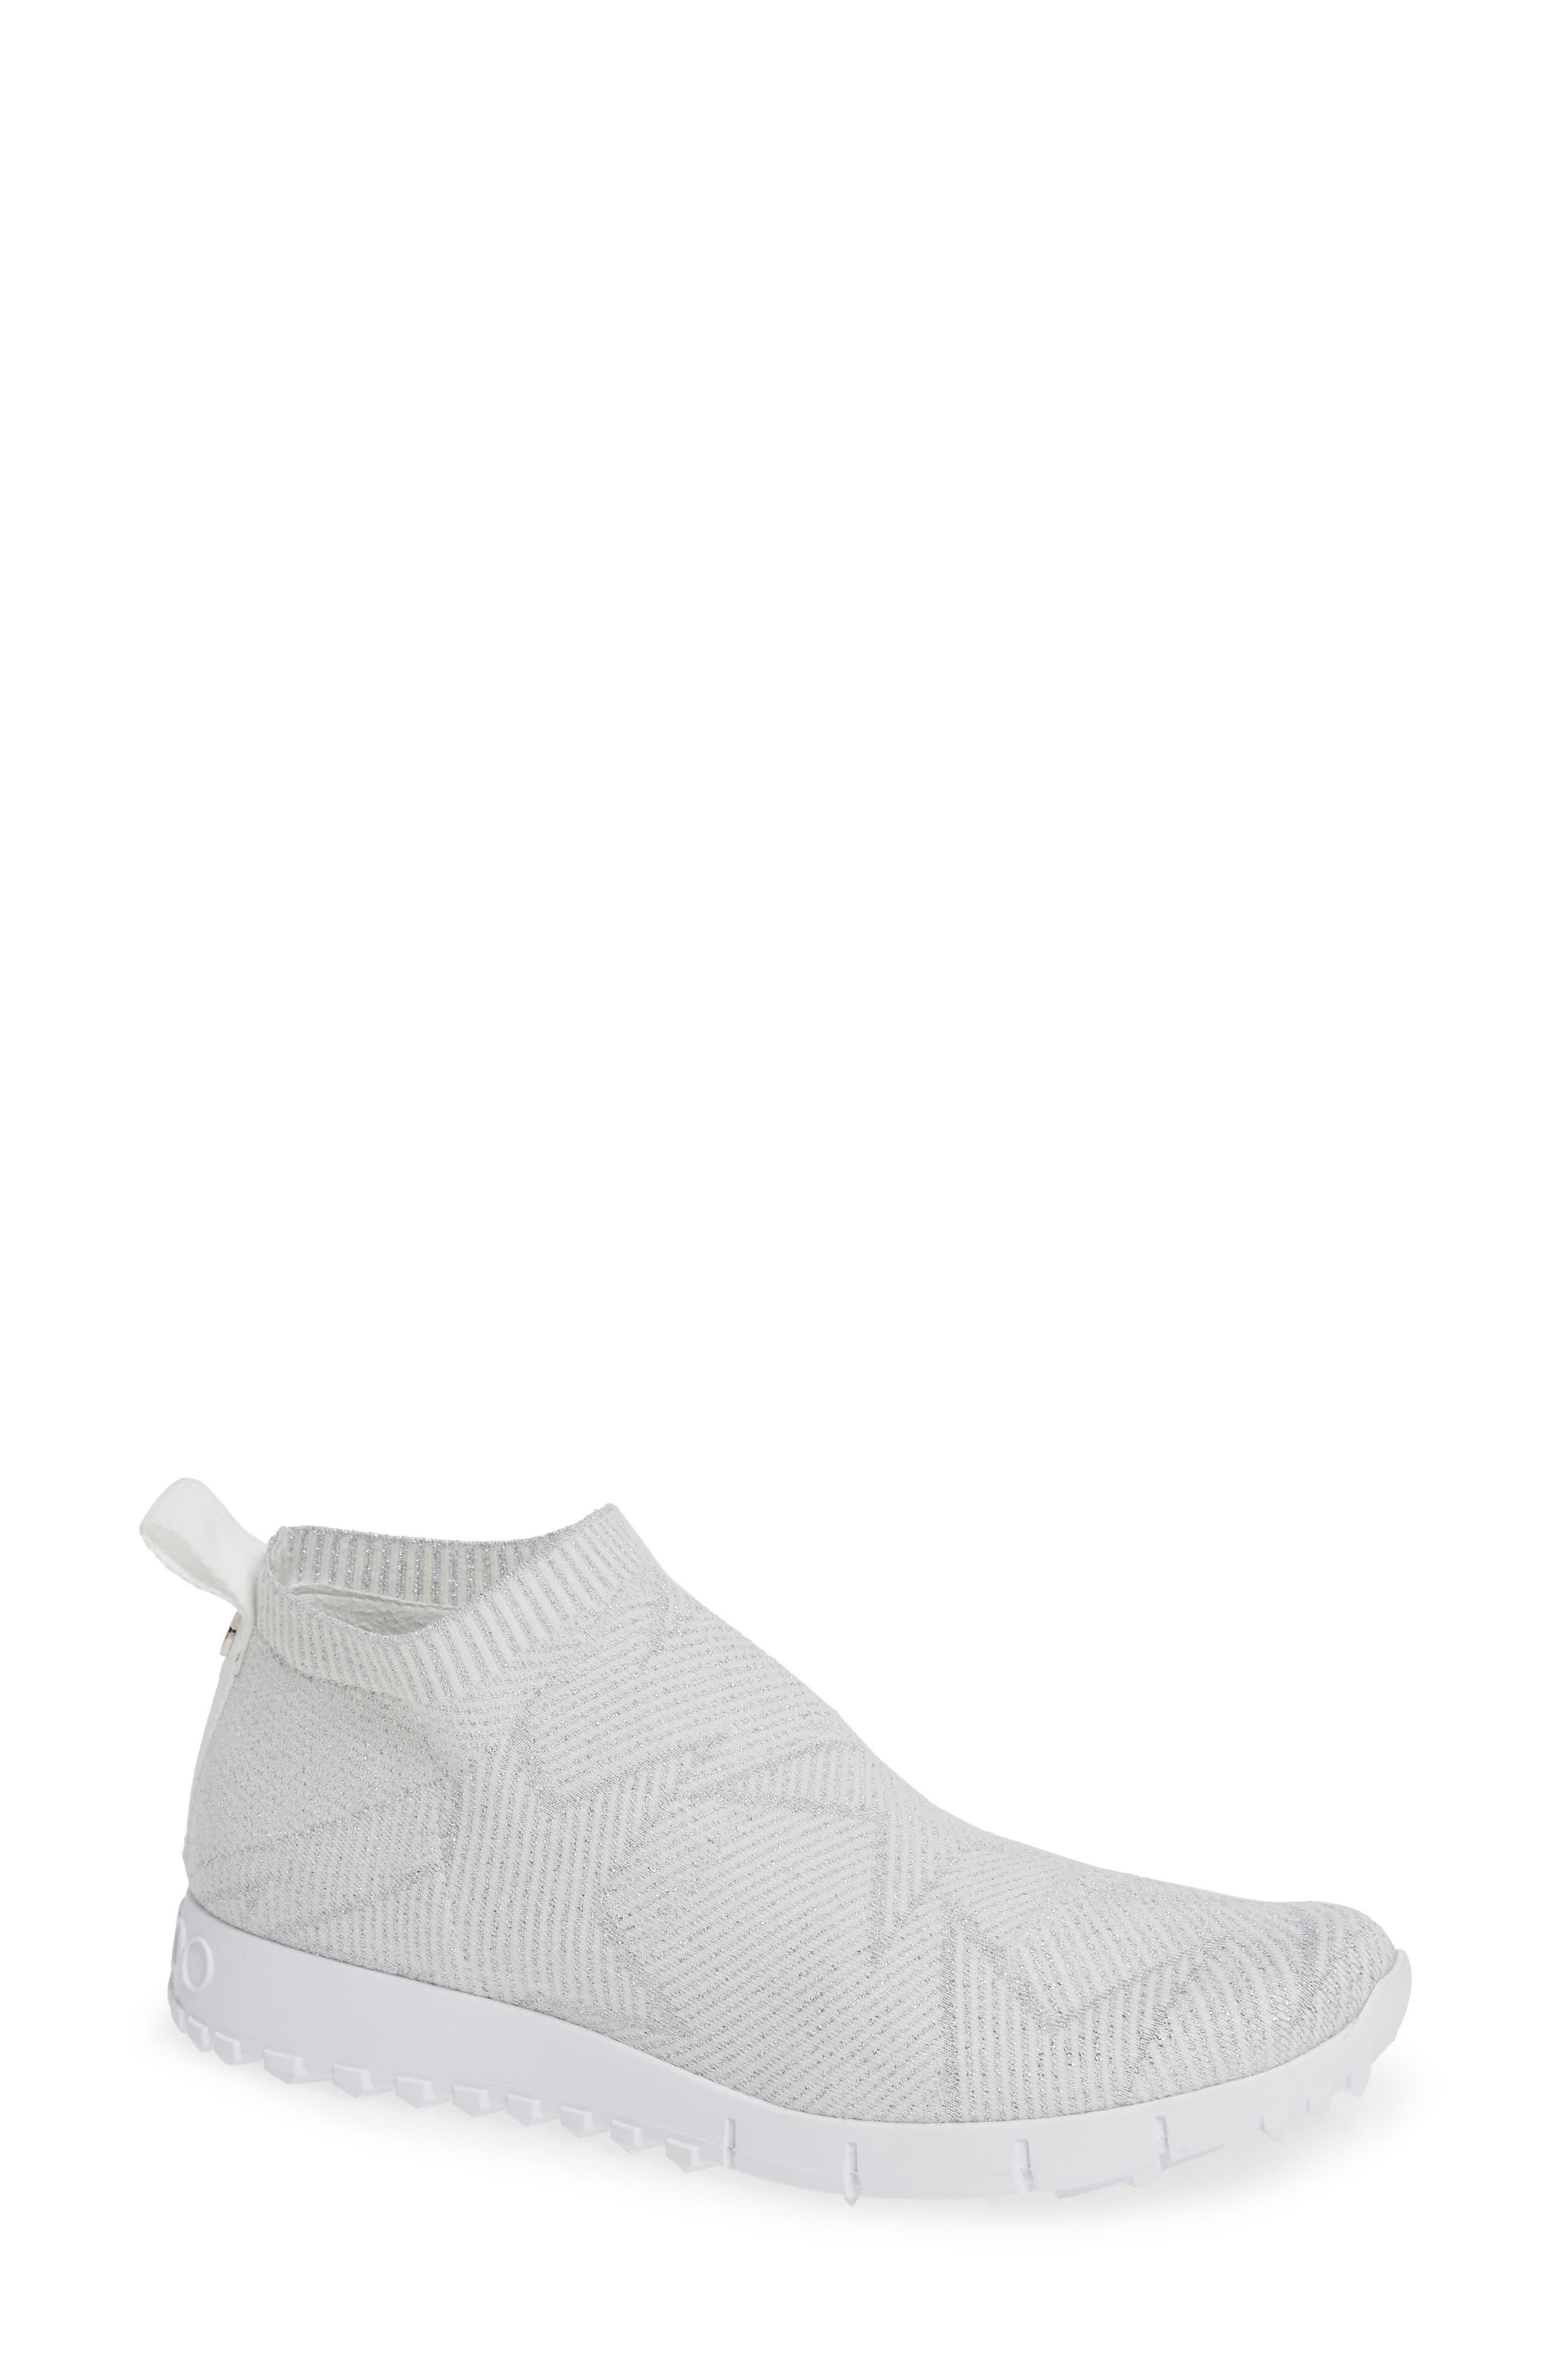 Norway Star Slip-On Sneaker,                         Main,                         color, WHITE